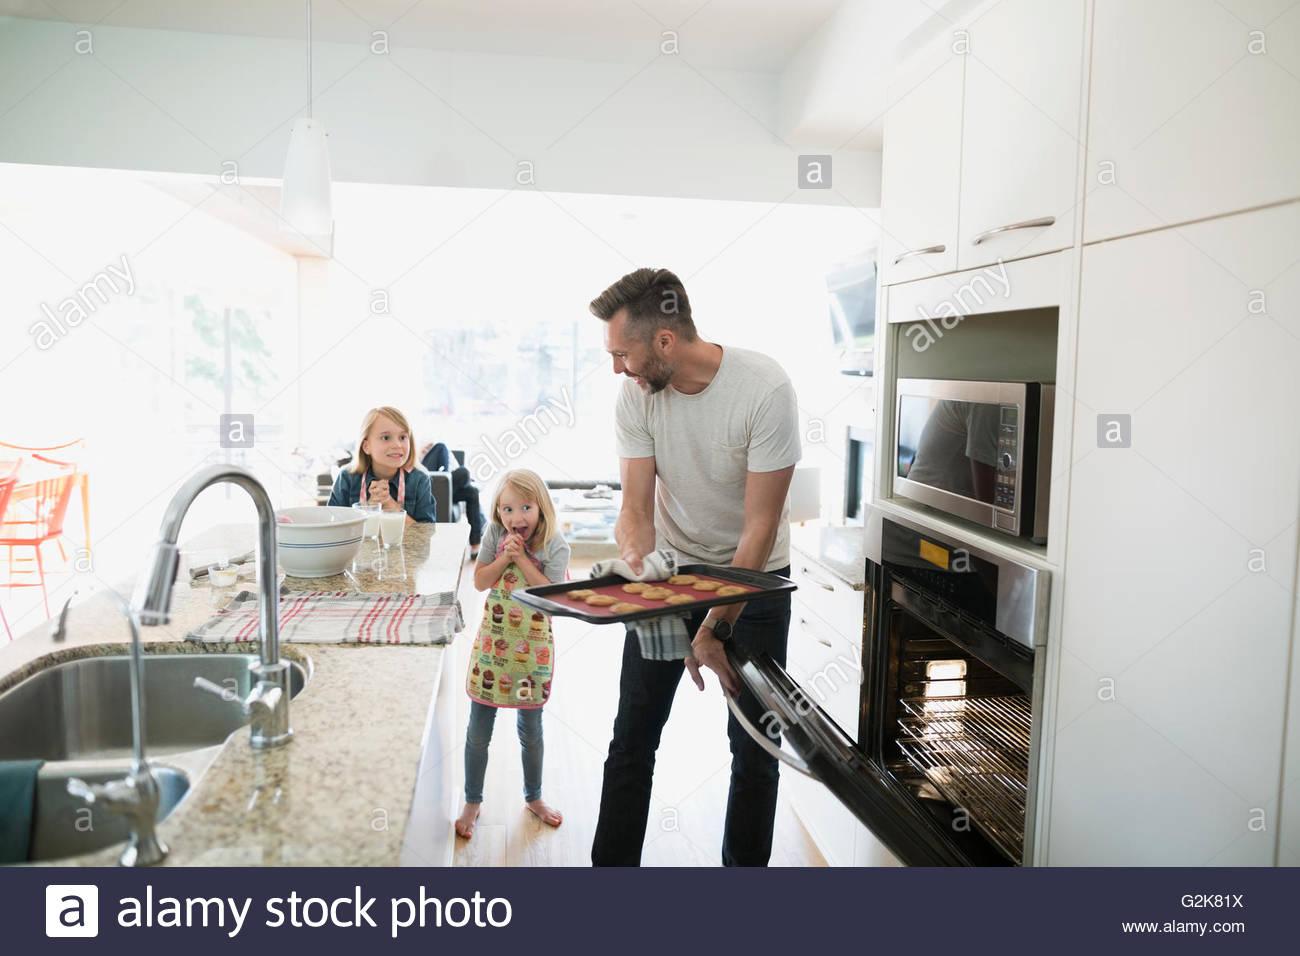 Père et filles baking in kitchen Photo Stock